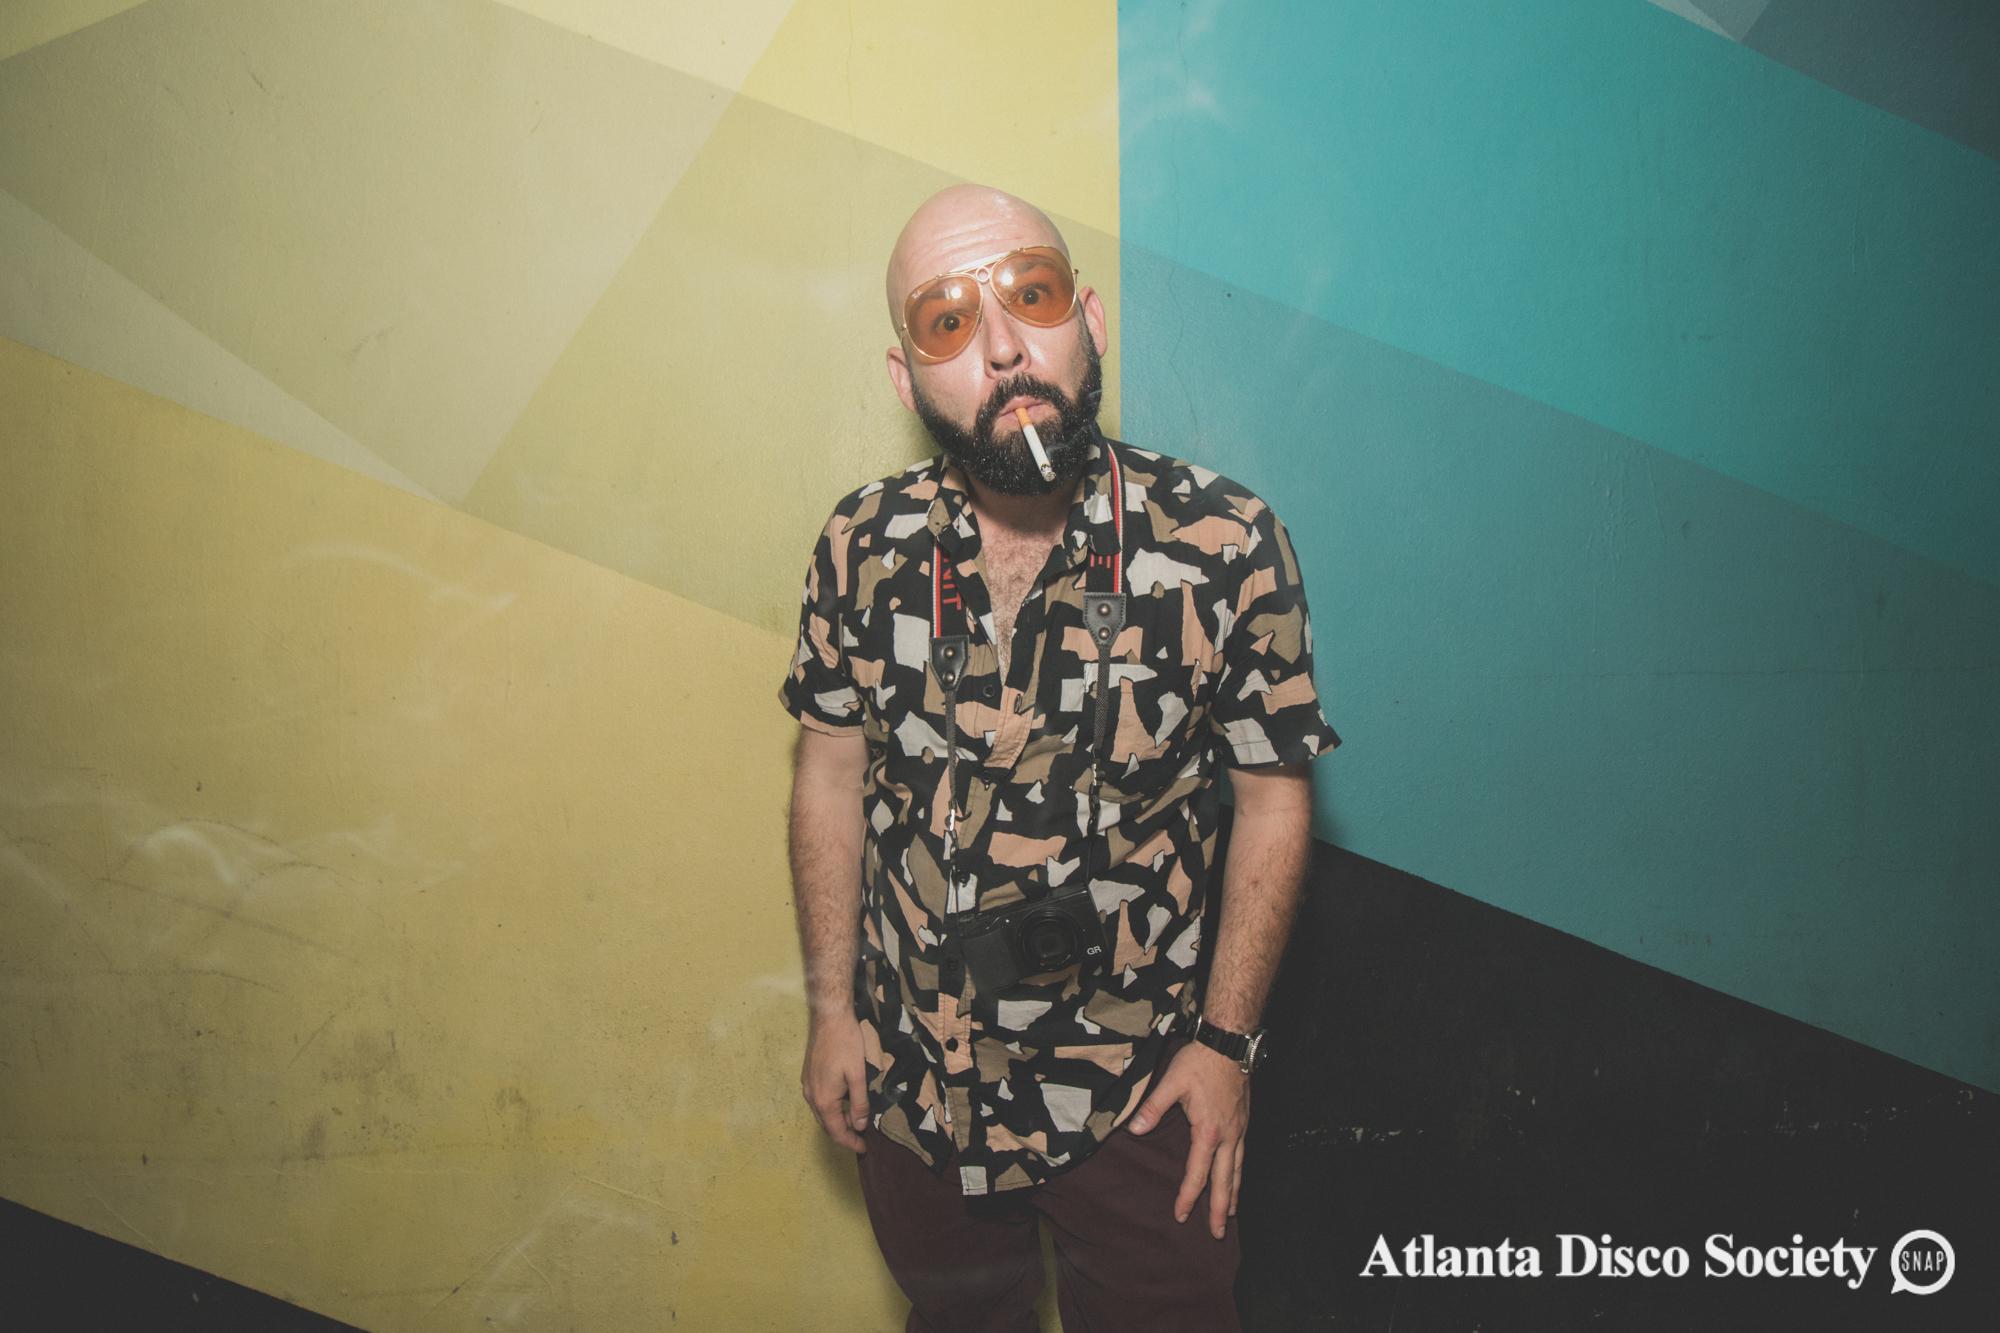 41Atlanta Disco Society Grace Kelly Oh Snap Kid 7.27.19.jpg